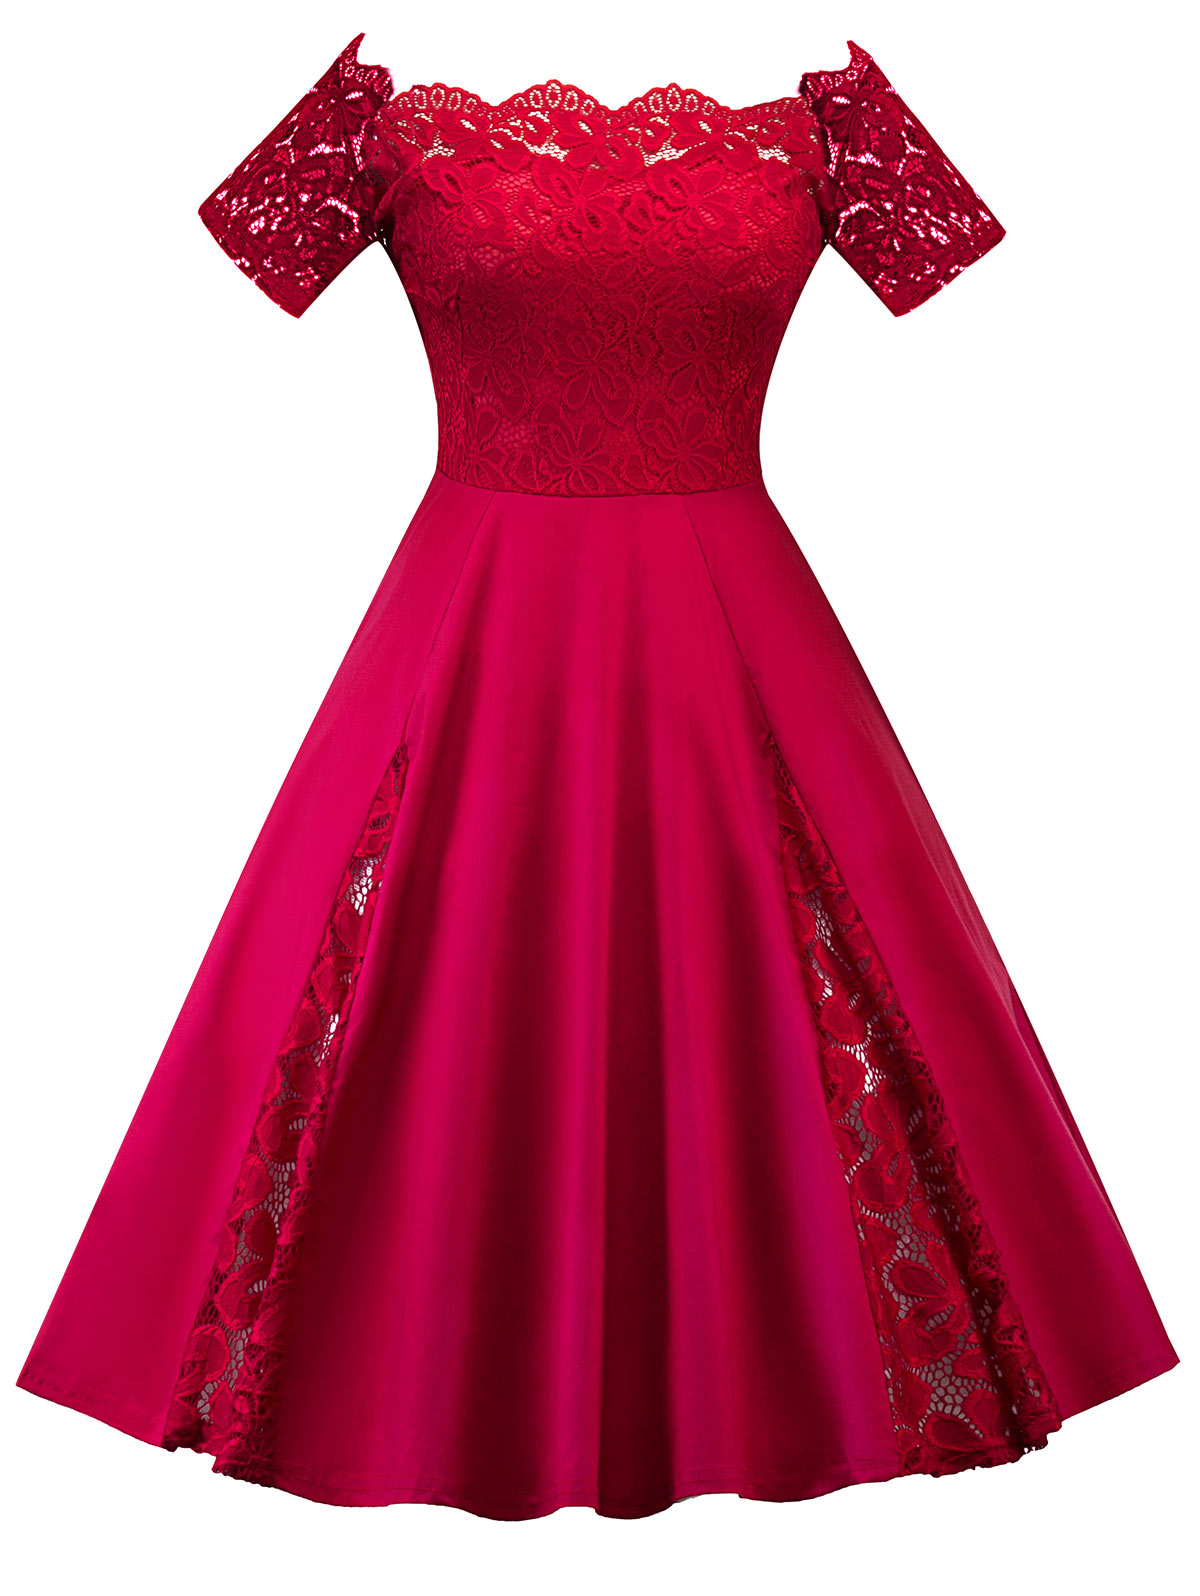 4042375781 Wipalo Women Vintage Flare Party Dress Plus Size 5XL Lace Panel Off The  Shoulder Dress Robes 2018 Retro Ladies Dresses Vestidos